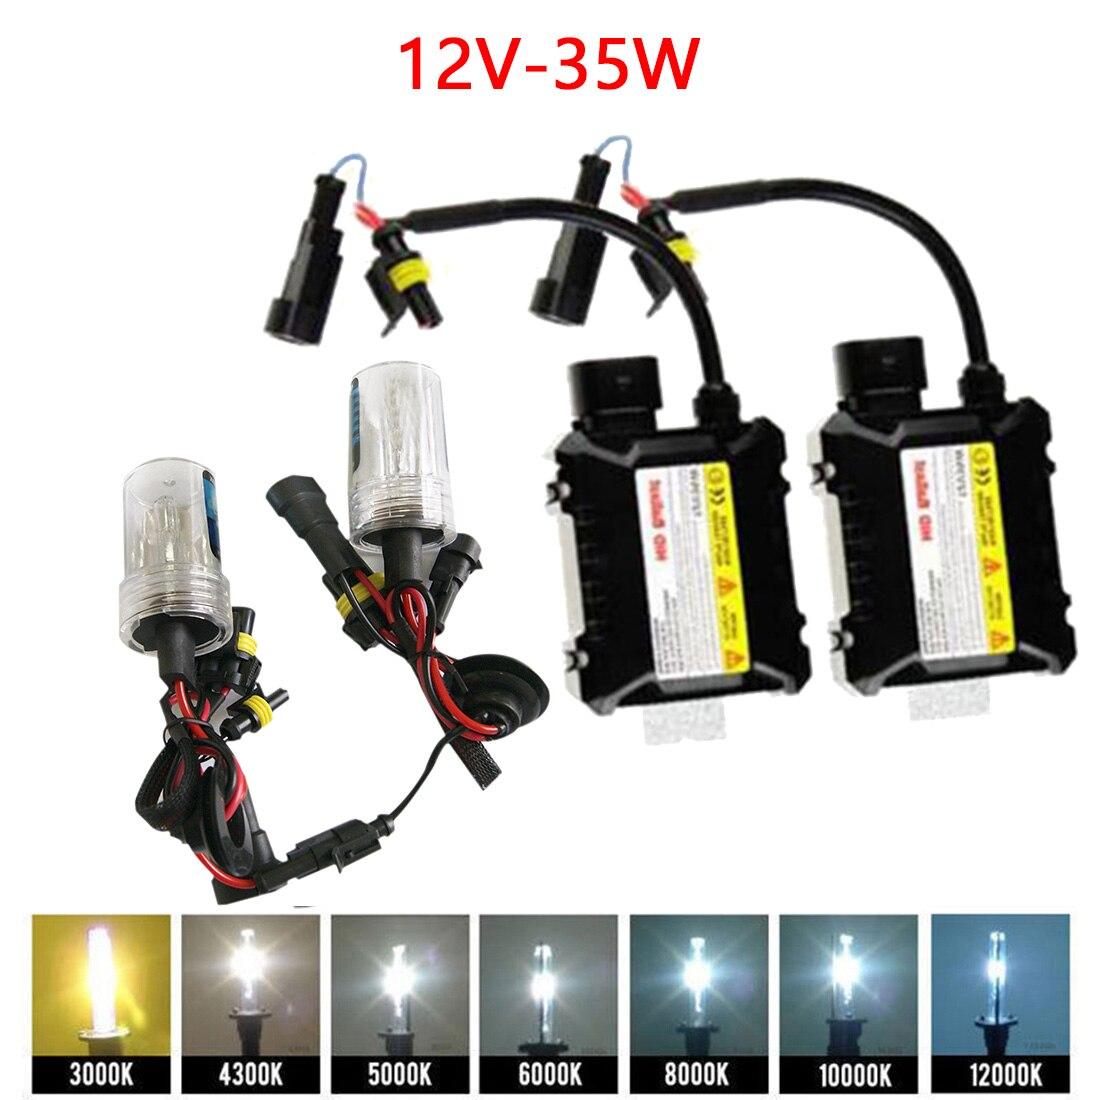 Tonewan Nouveau XÉNON HID Conversion Kit 12 v 35 w H1 H3 H7 Lampe Mince Ballast Phare De Voiture Ampoule 4300 k 6000 k 8000 k 30000 k